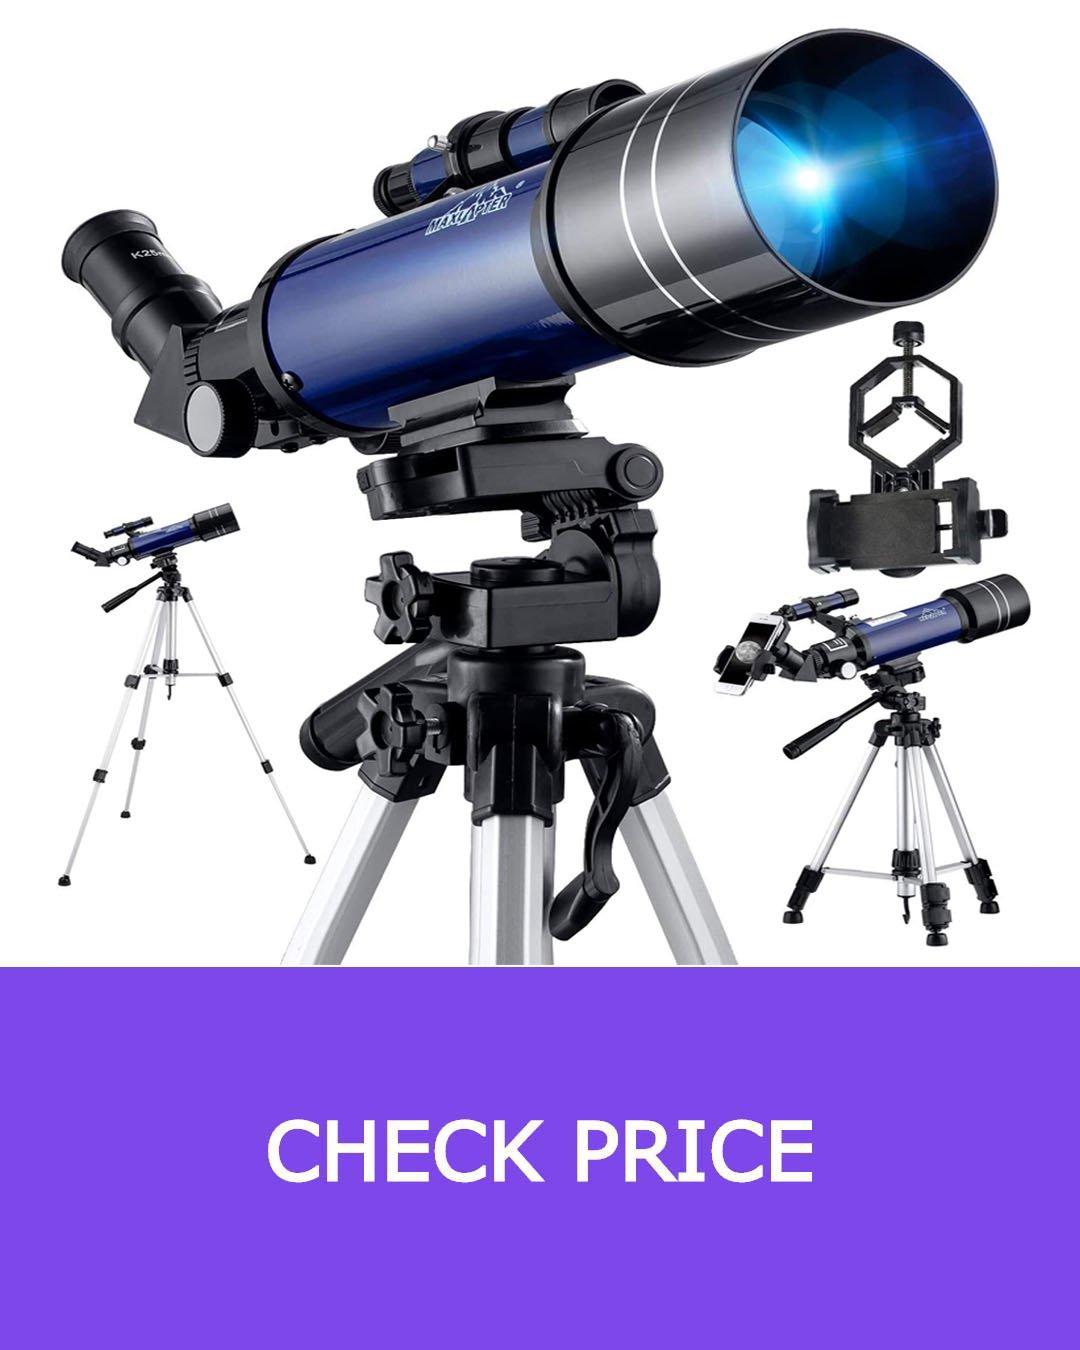 Bebang Telescope for Astronomy